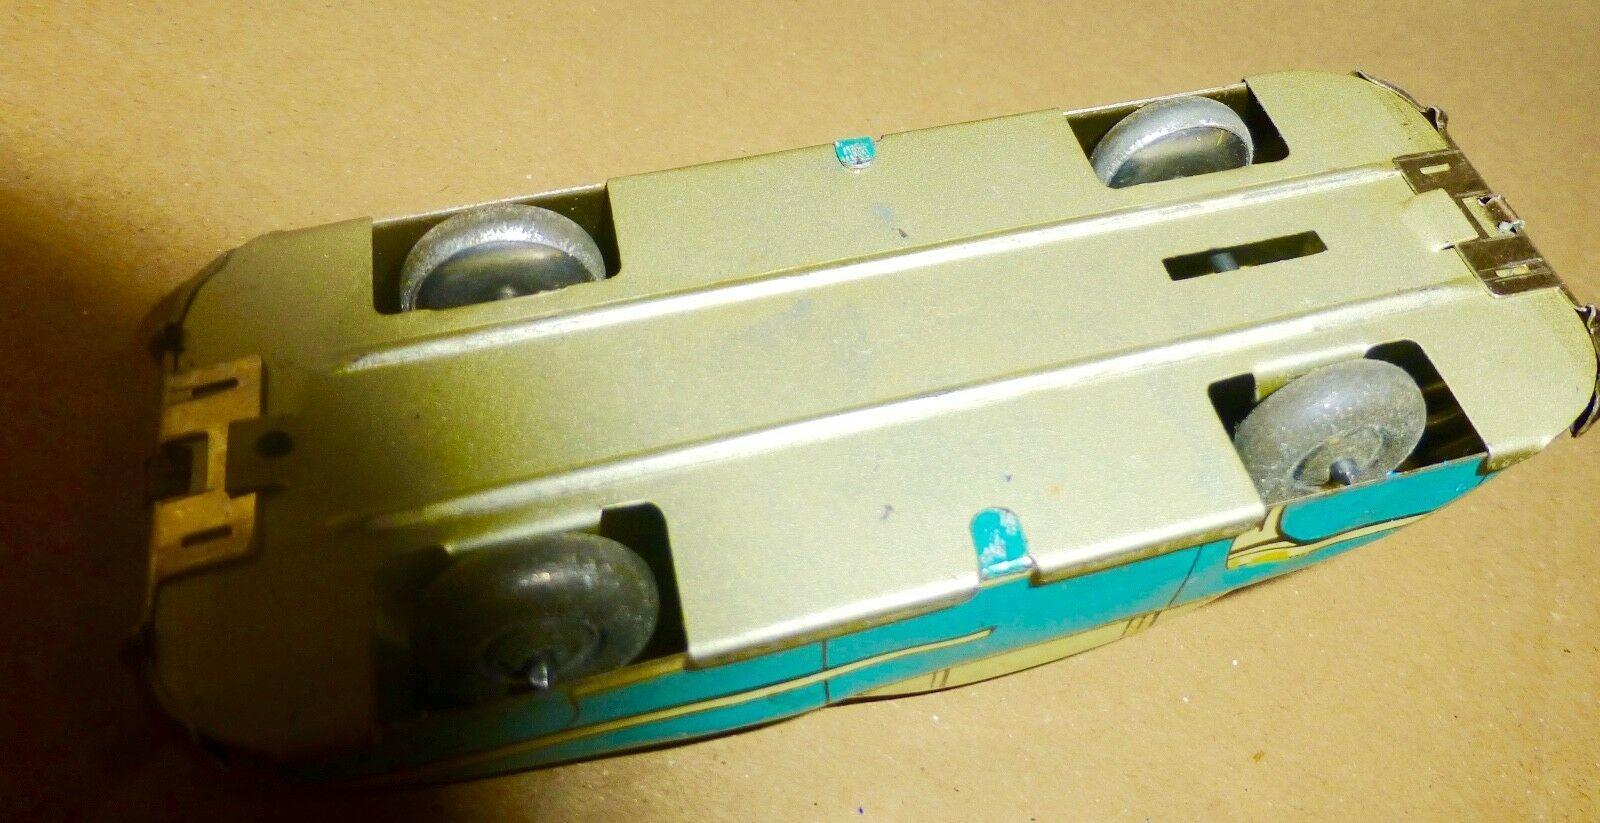 S l1600 8